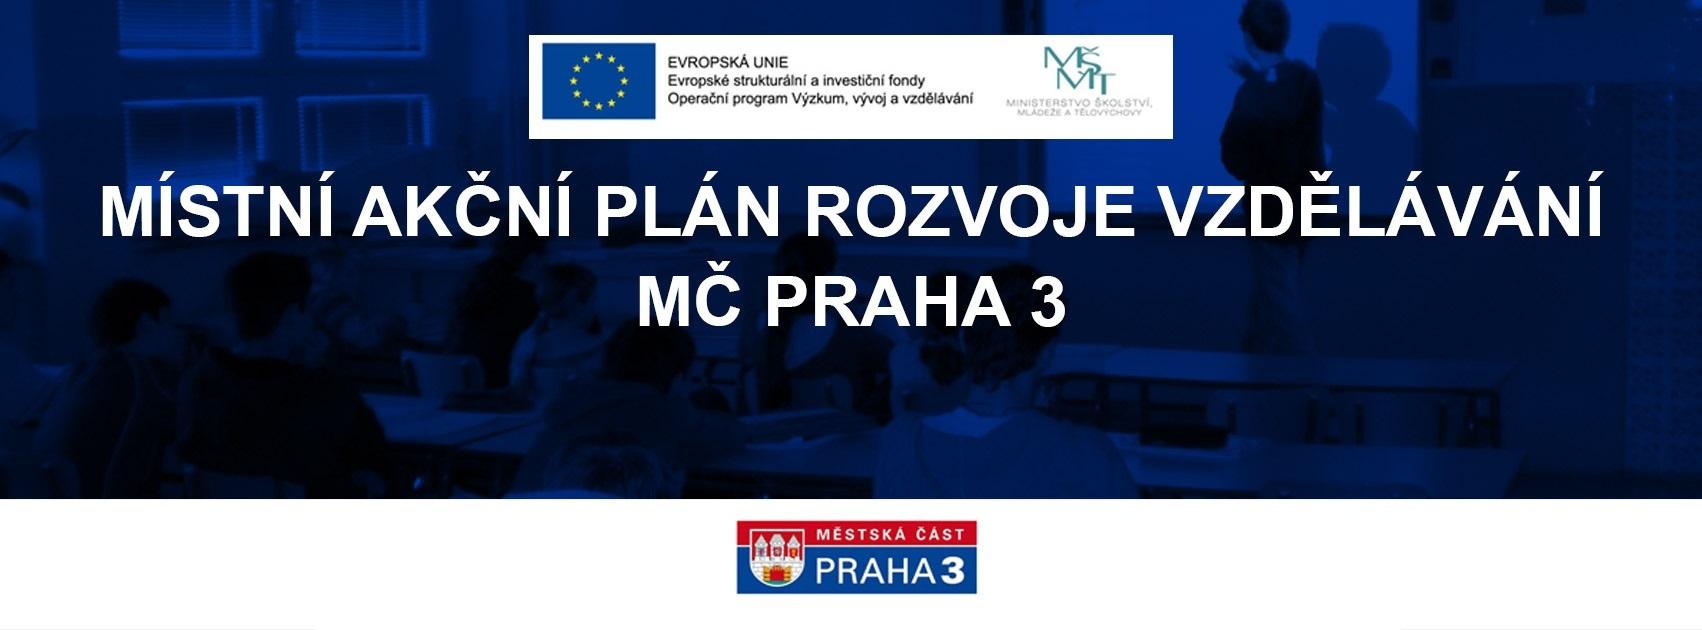 Otázky a odpovědi – Místní akční plán rozvoje vzdělávání v Praze 3 pro roky 2016-2018